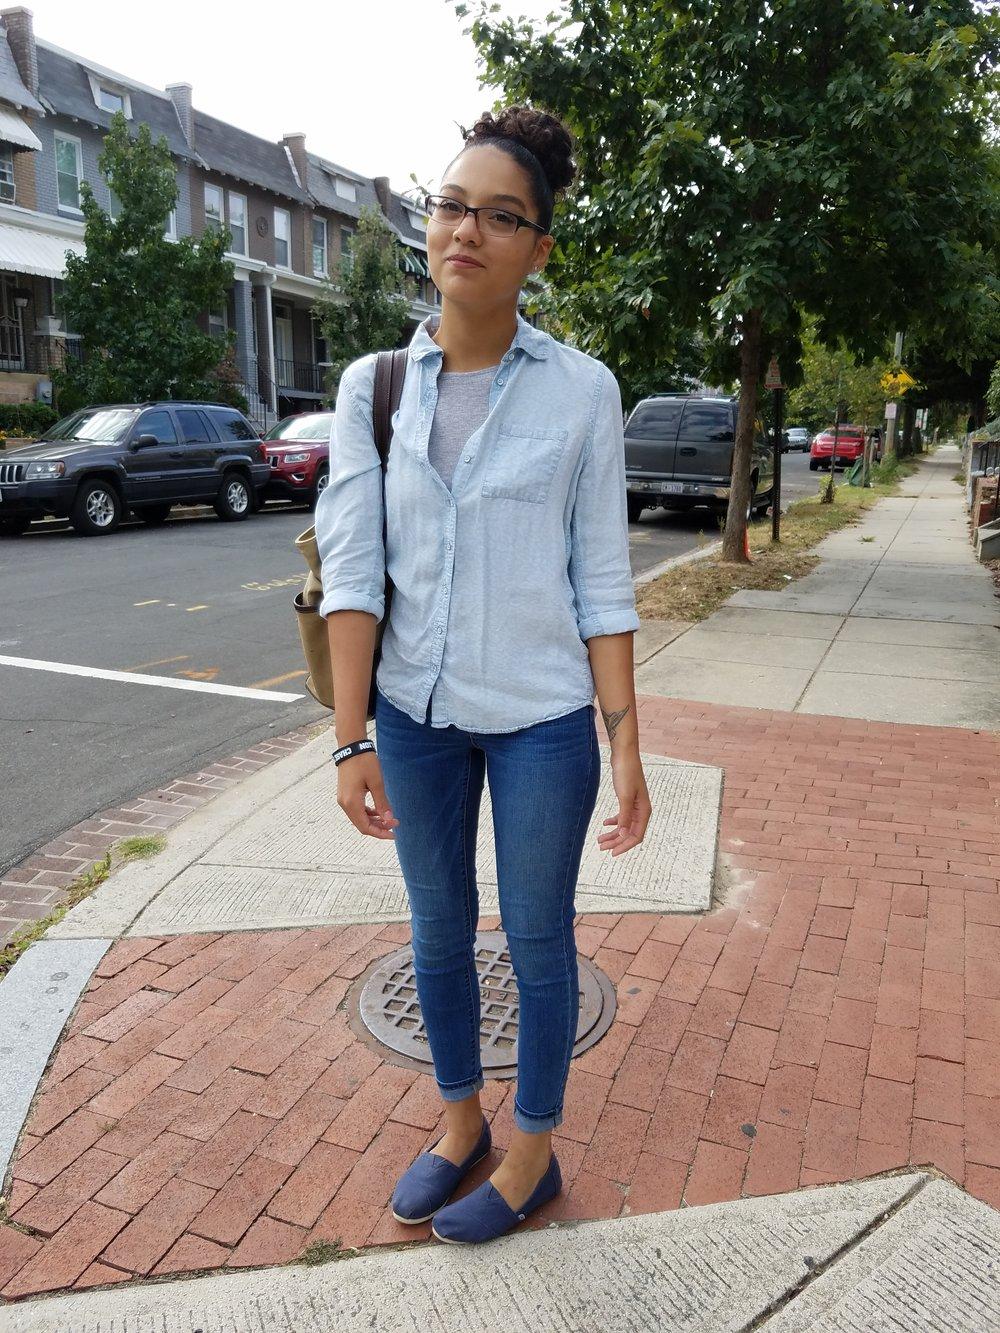 Outfit details: Denim shirt: Aeropostale|| Crop Top: H&M|| Jeans: Target|| Shoes: Toms